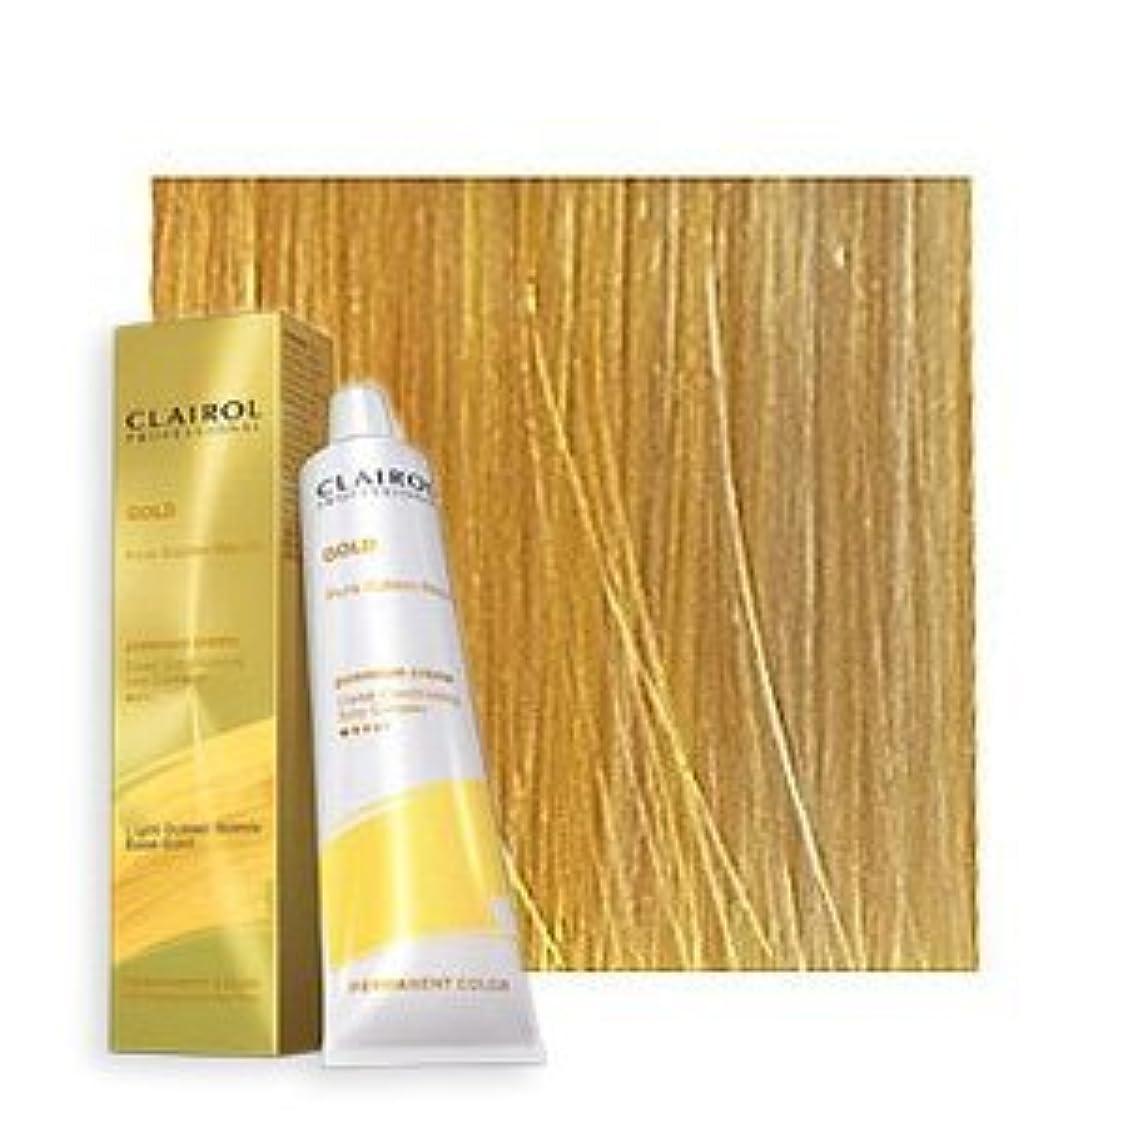 ロープ水を飲む風刺Clairol Professional - SOY4PLEX - Lightest Golden Blonde 10G - 2 oz / 57 g